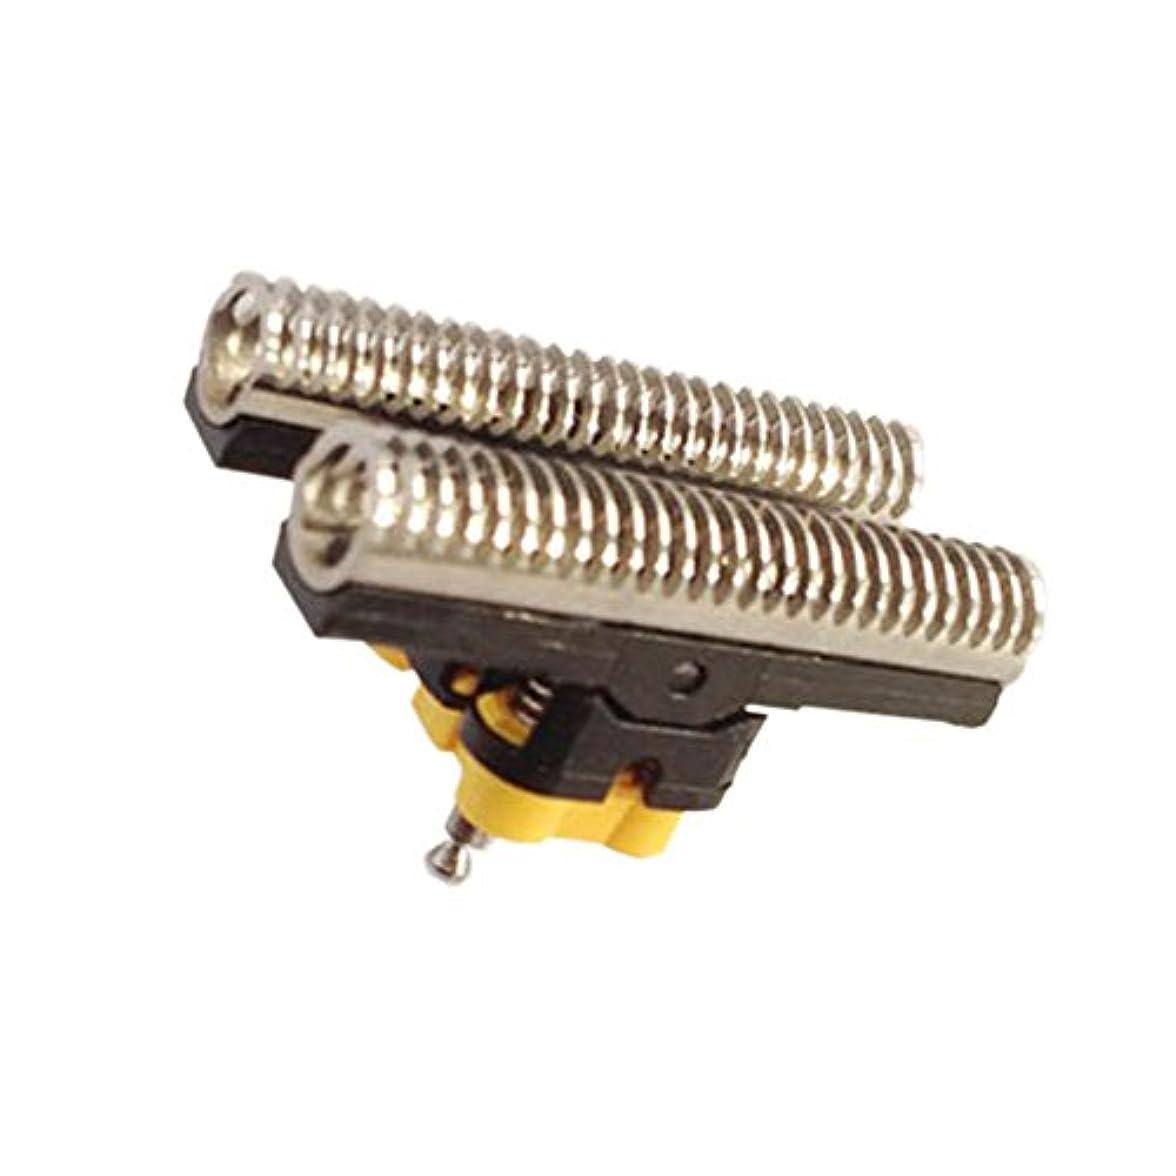 照らす自治メンタルHZjundasi Replacement シェーバー 刃 for Braun 8000/7000/6000/5000/4000/3/5 Series